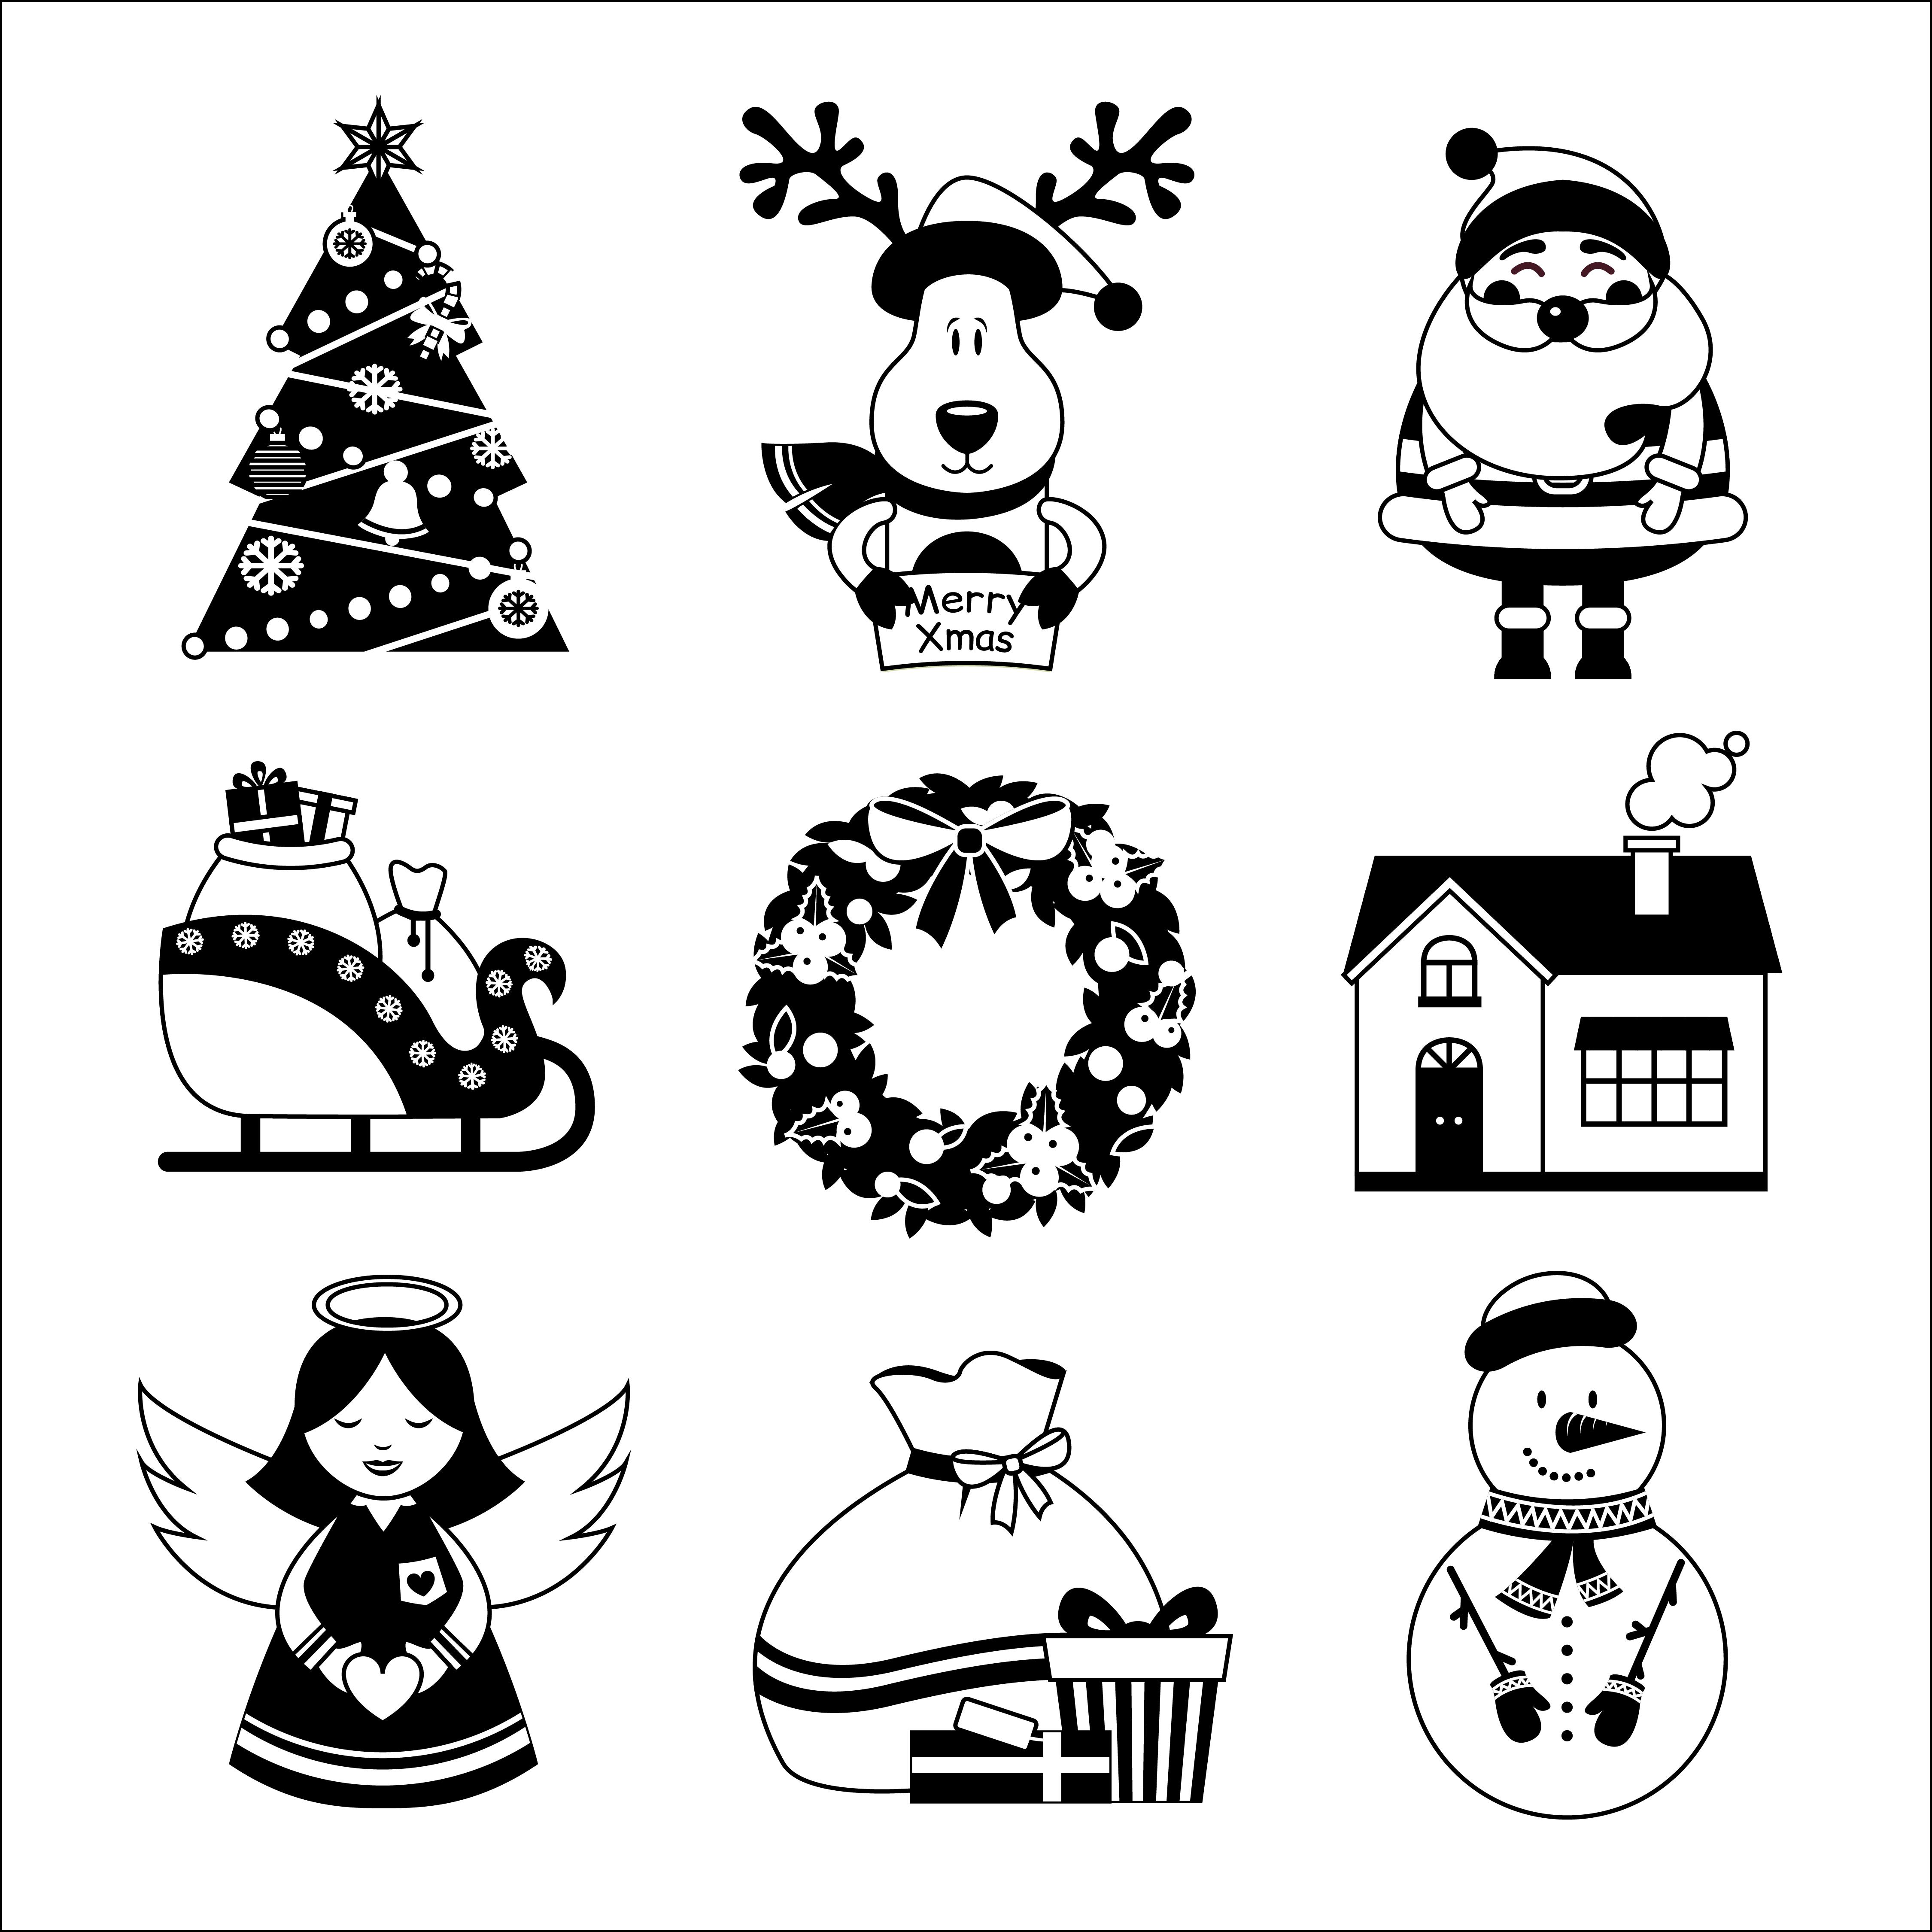 Открытки платья, новогодние черно-белые картинки для распечатки в лд